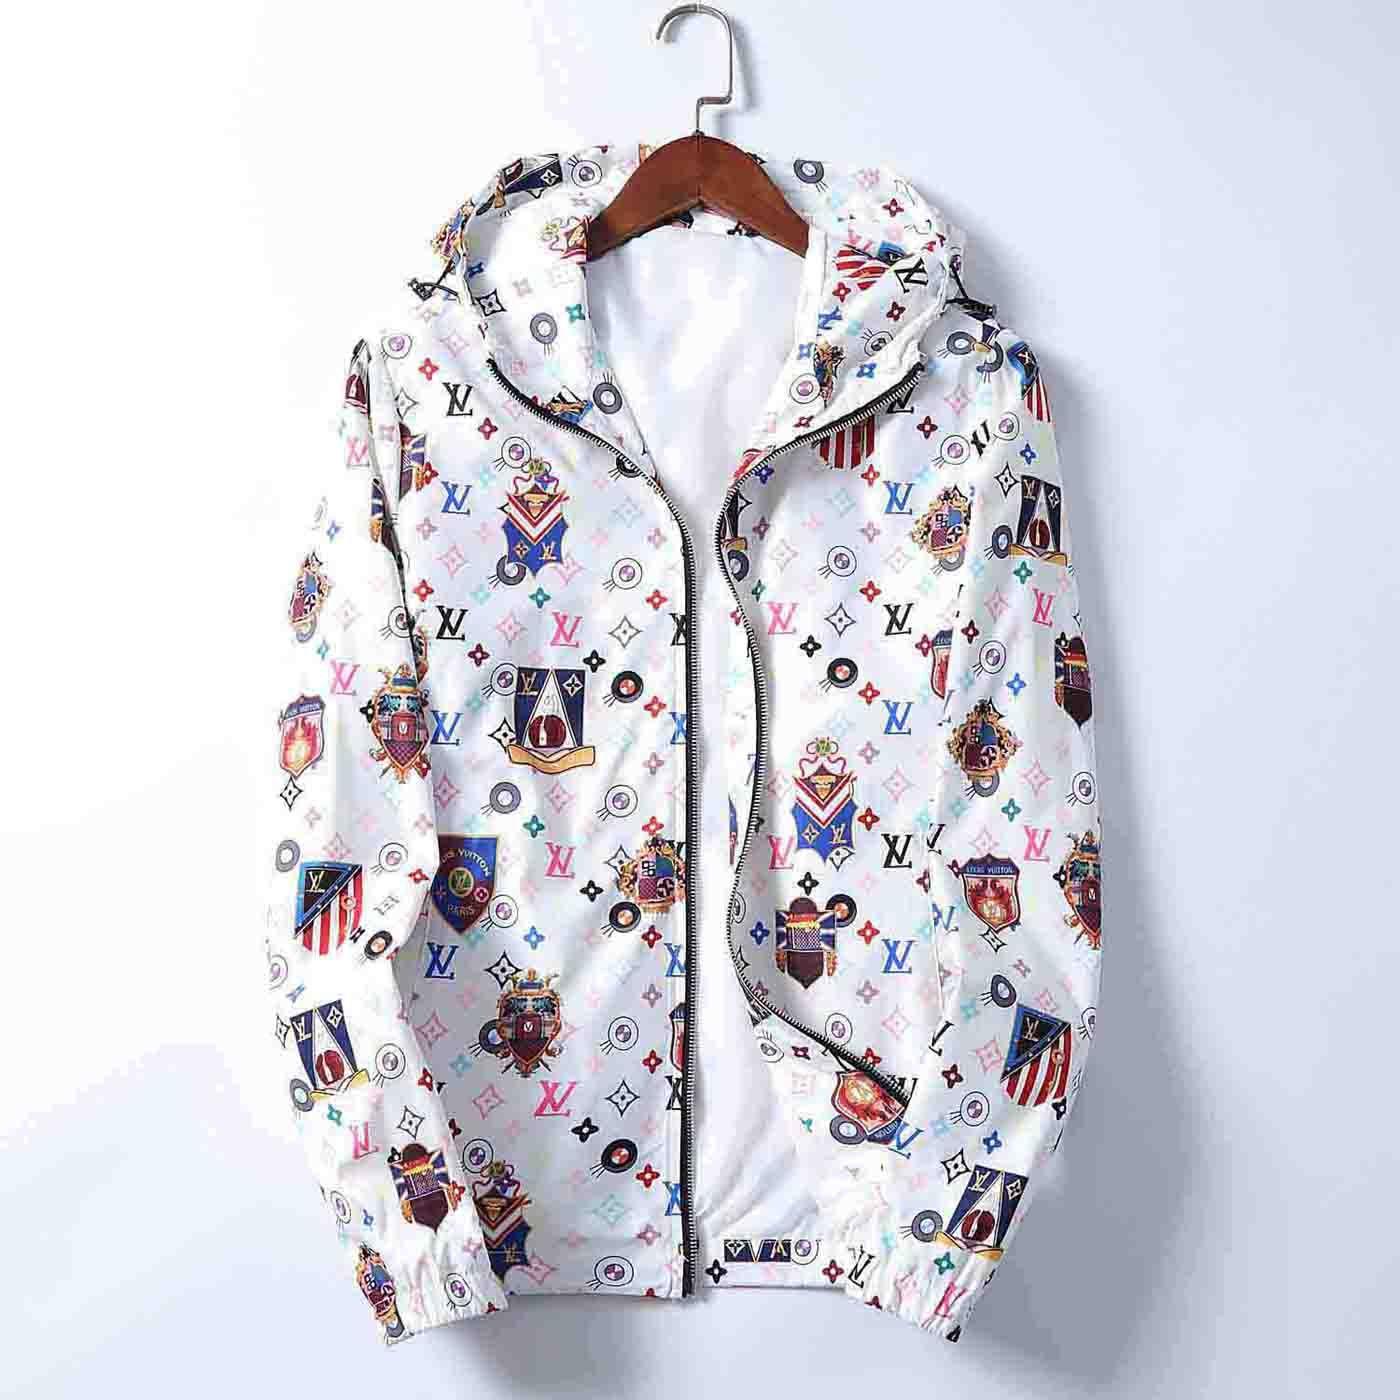 2020 Männer Trendy Marke heißen Verkaufs-Männer Jacken Medusa Jacken Mode Persönlichkeit beiläufige lose Sport Schlanke Designer gedruckt